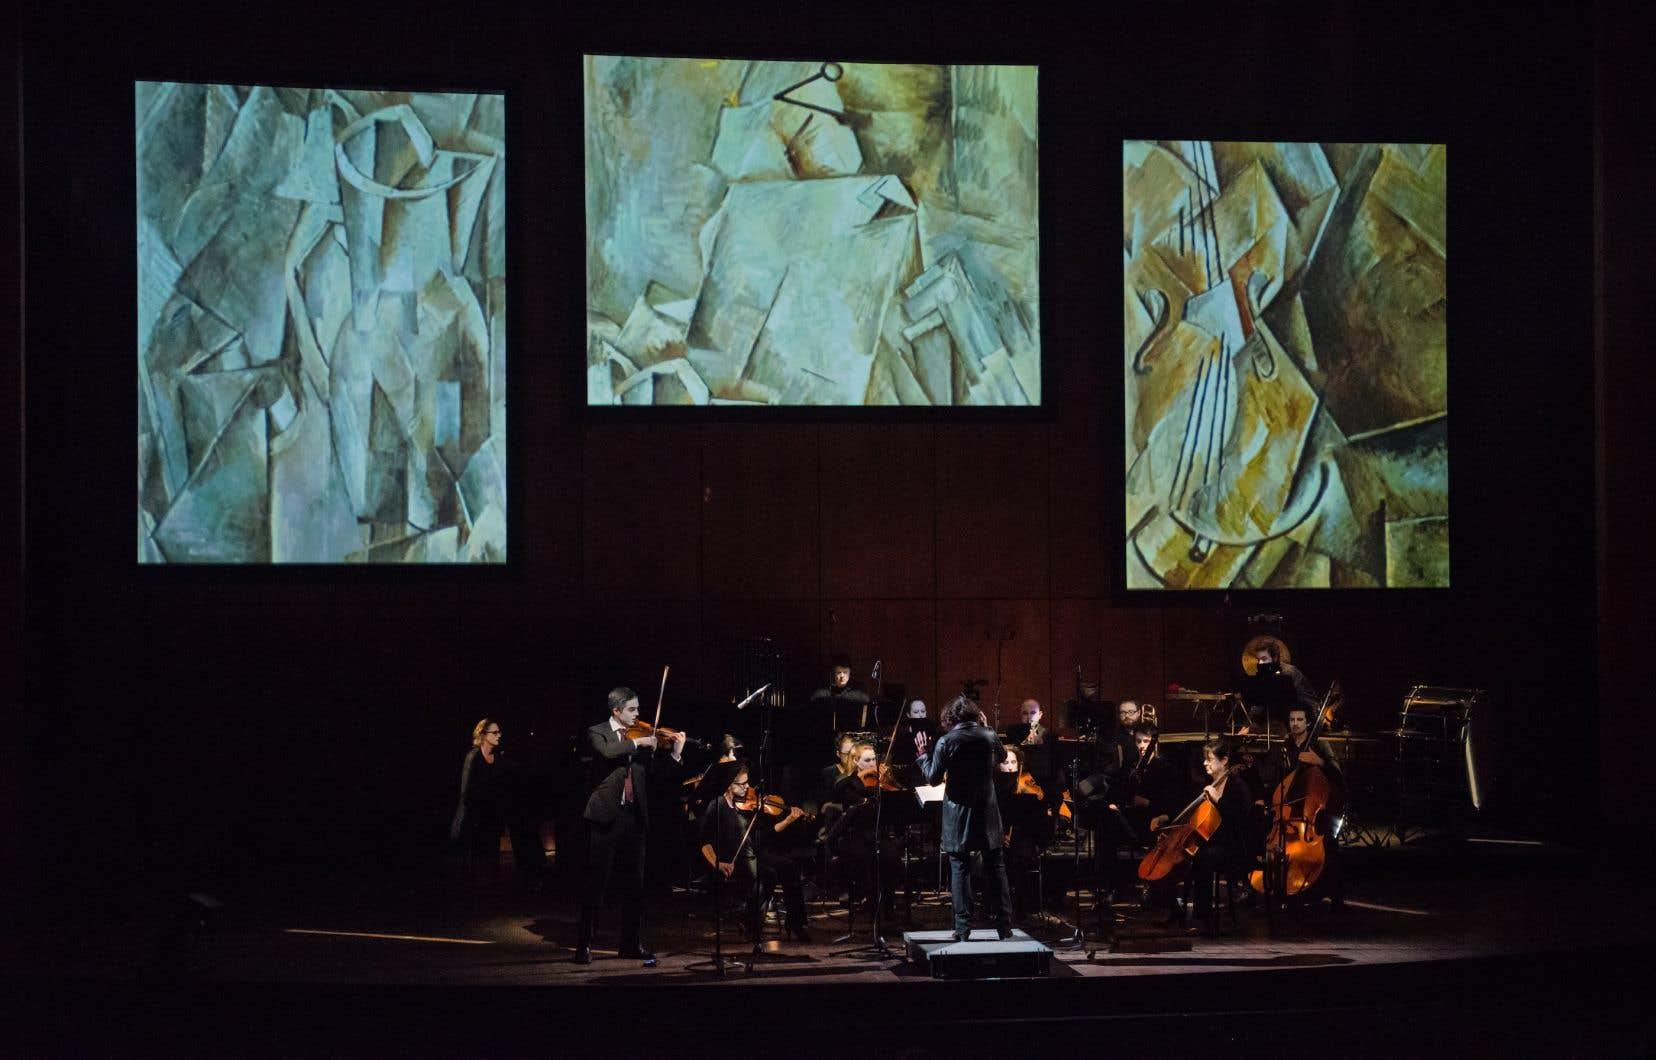 «Stylus Phantasticus»était, ici, refondu et centré autour de la seule figure du compositeur Jean Lesage, dont les compositions étaient mises en parallèle avec de grands mouvements de la peinture, dont le cubisme et le surréalisme.